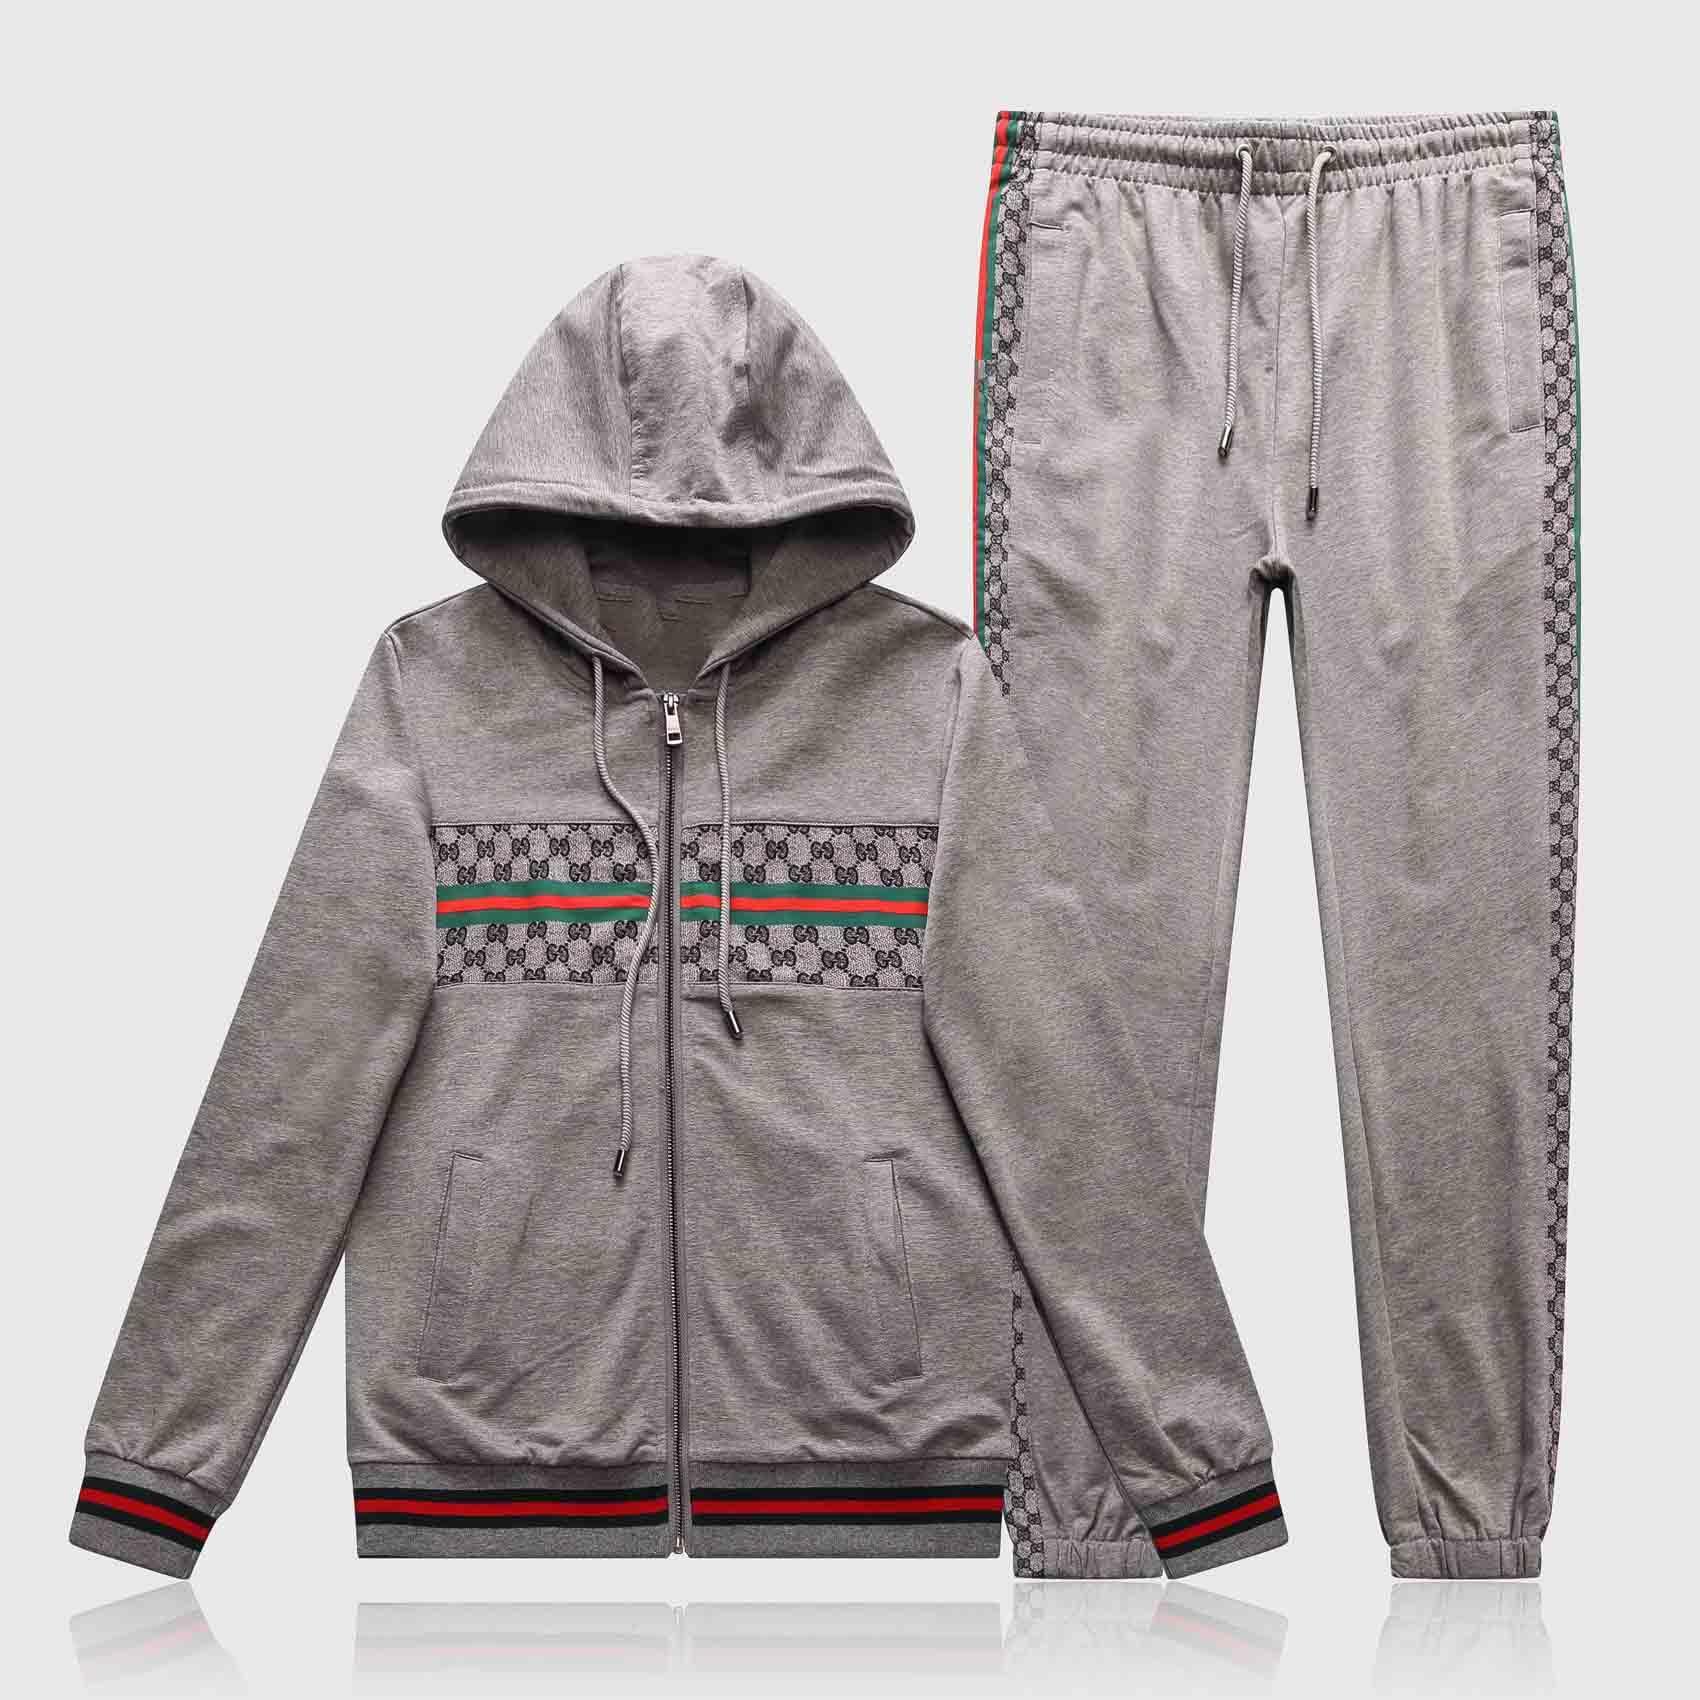 슬림 후드 의류 트랙 키트 스포츠를 인쇄 운동복 커튼 남자 스포츠 정장 편지를 실행하는 남자의 운동복 재킷 세트 패션